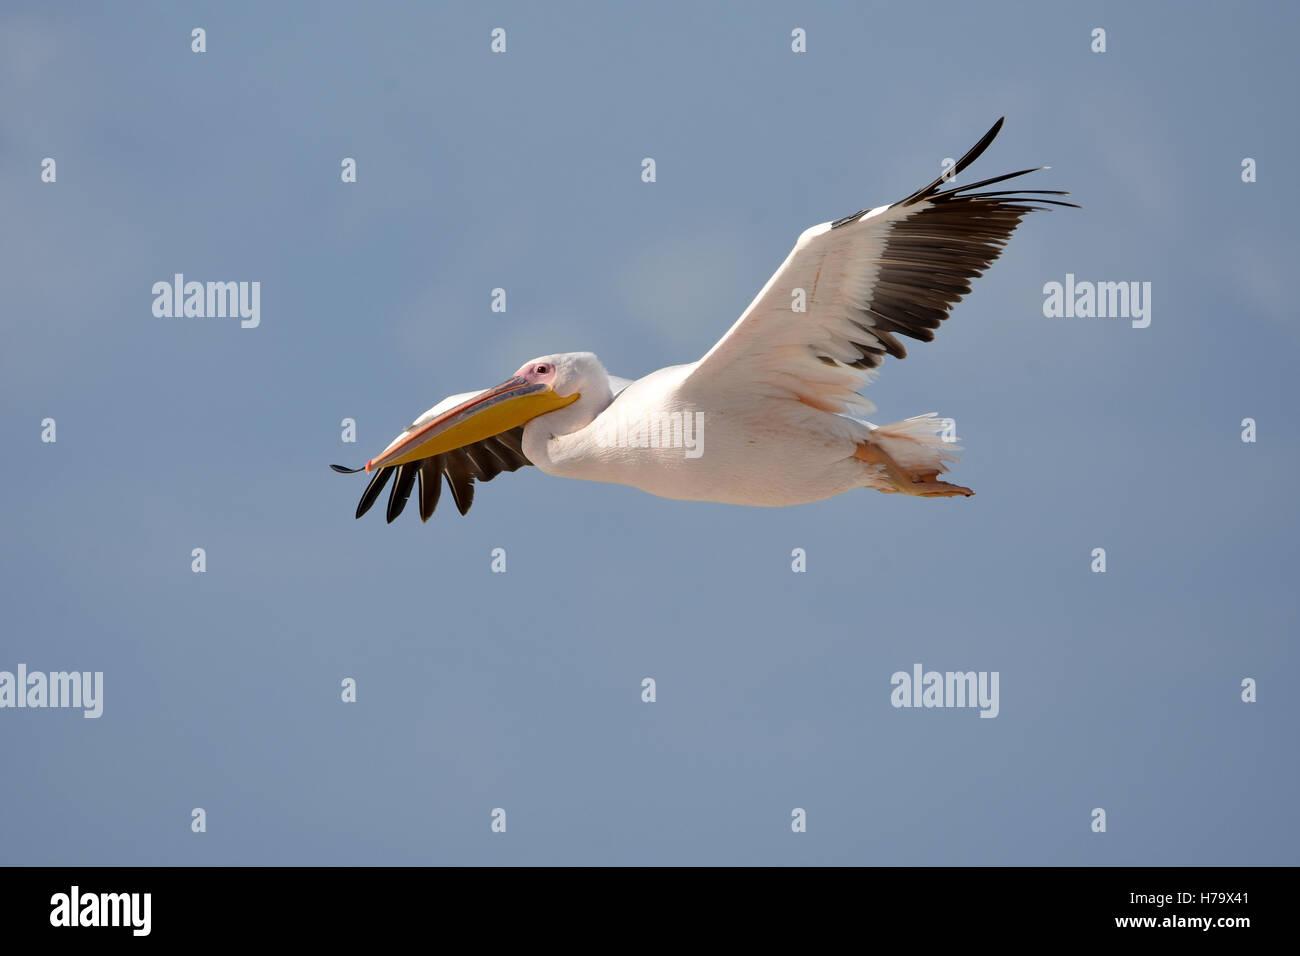 Gran pelícano blanco volando, vista lateral Imagen De Stock